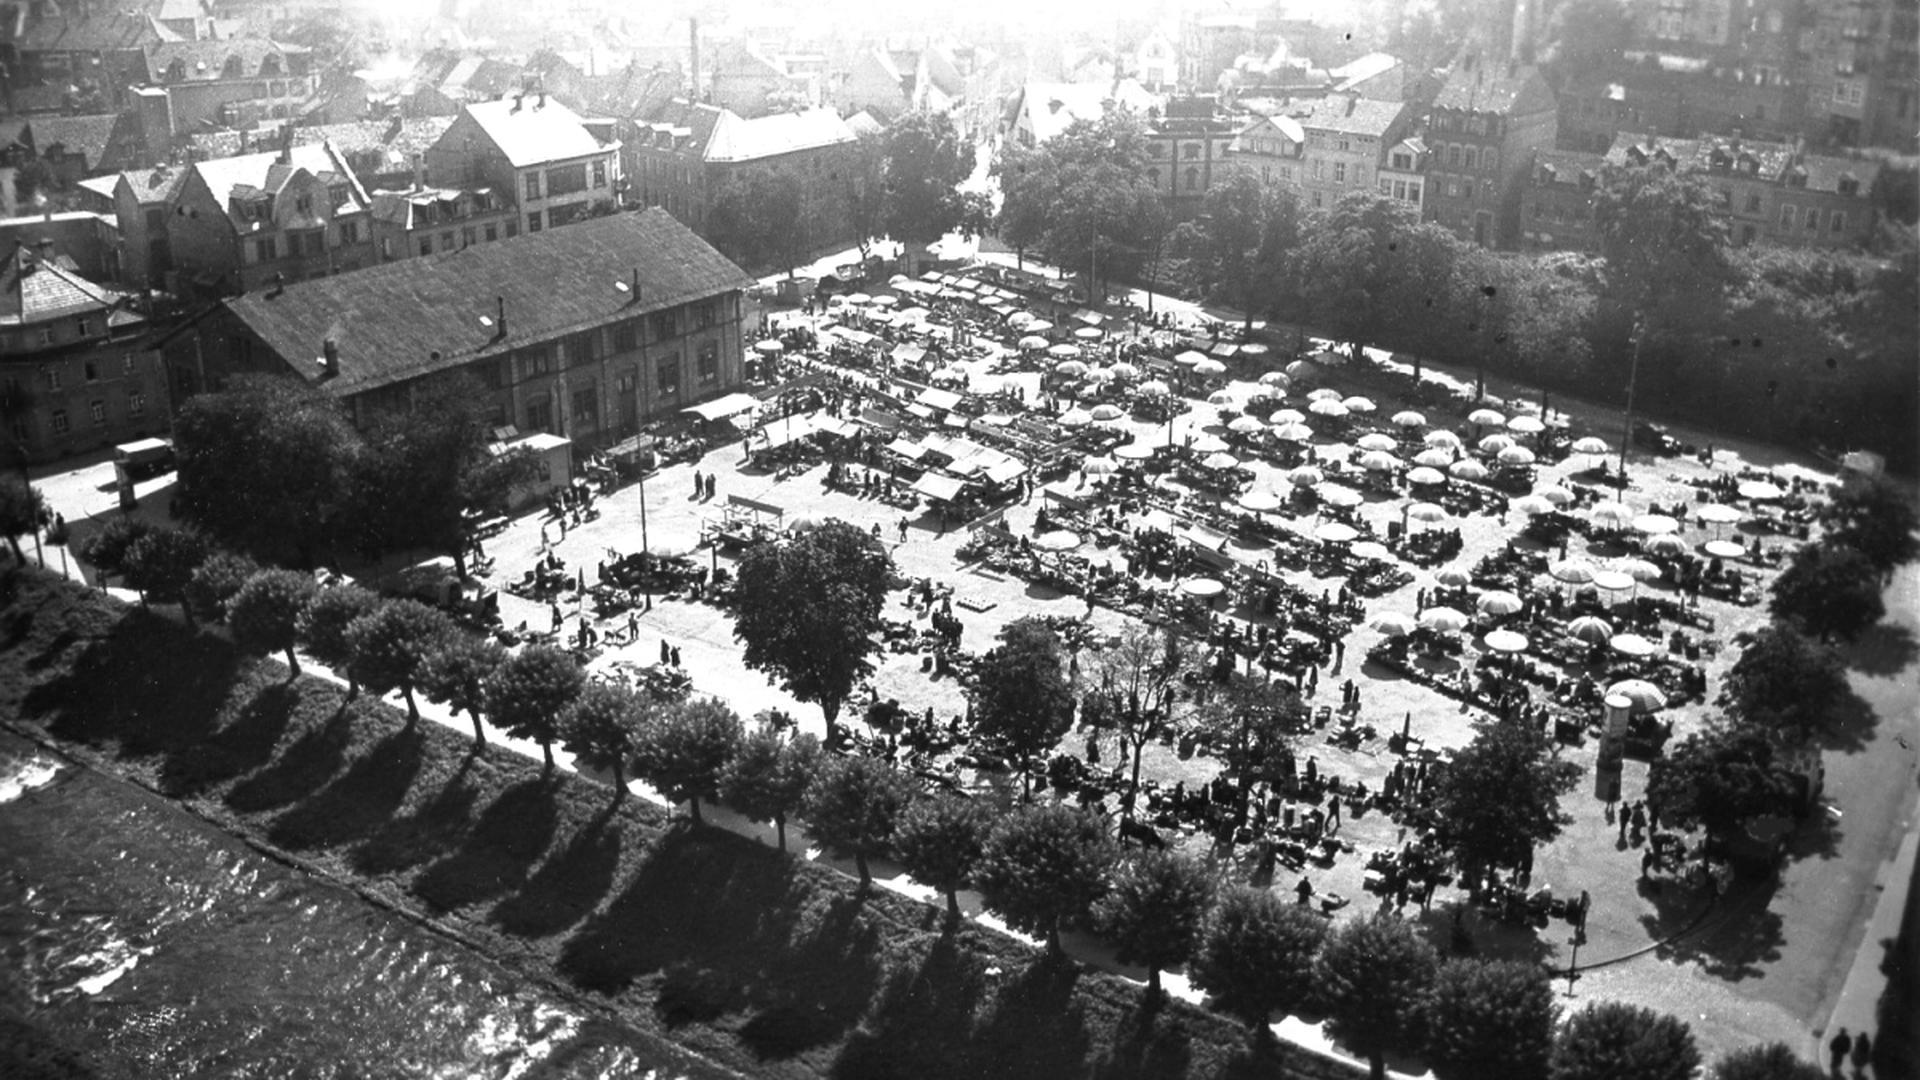 Nach dem Umzug vom Marktplatz in der Innenstadt (1926) wurde der Turnplatz (Foto aus den 1930-Jahren) zum bis heute beliebten Standort für den Pforzheimer Wochenmarkt.